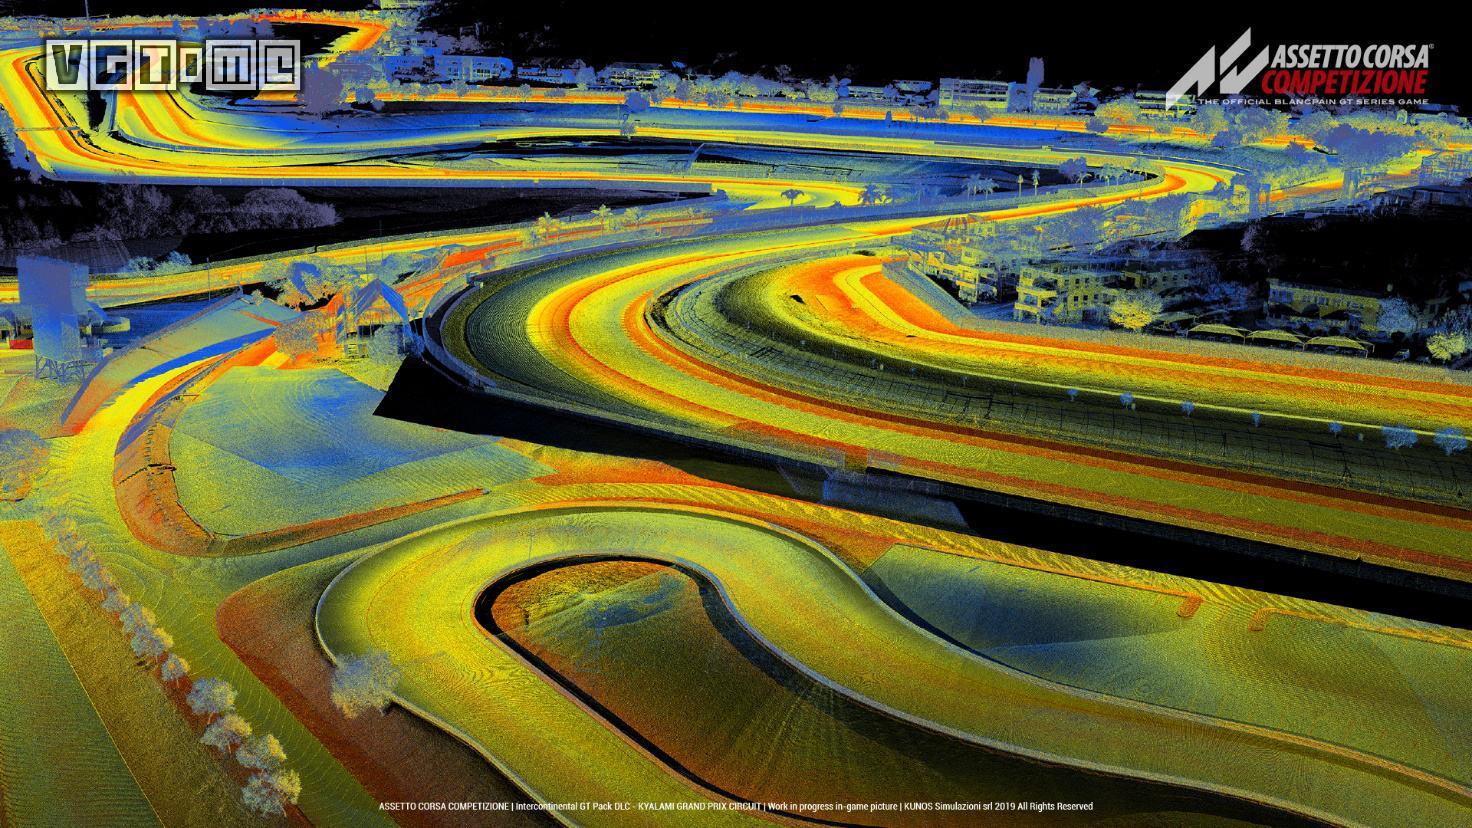 《神力科莎 竞速》洲际GT扩展包公布 提供最极致的赛道还原